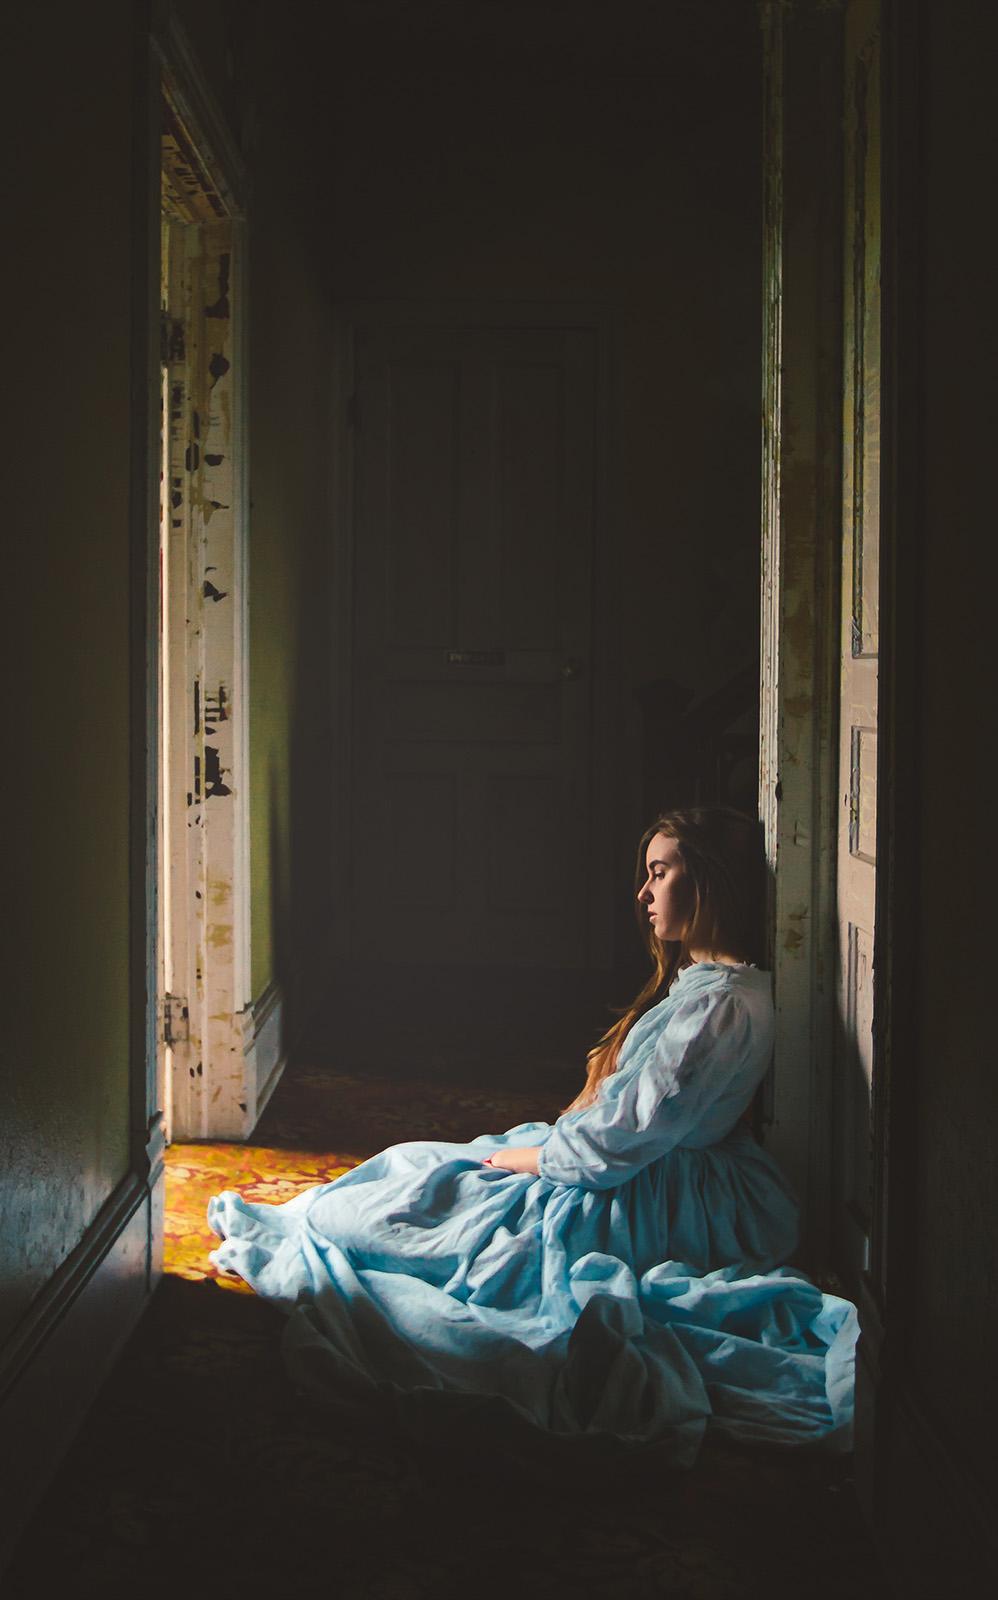 Boris_Zaretsky_Photography__B2C5076-Edit copy.jpg